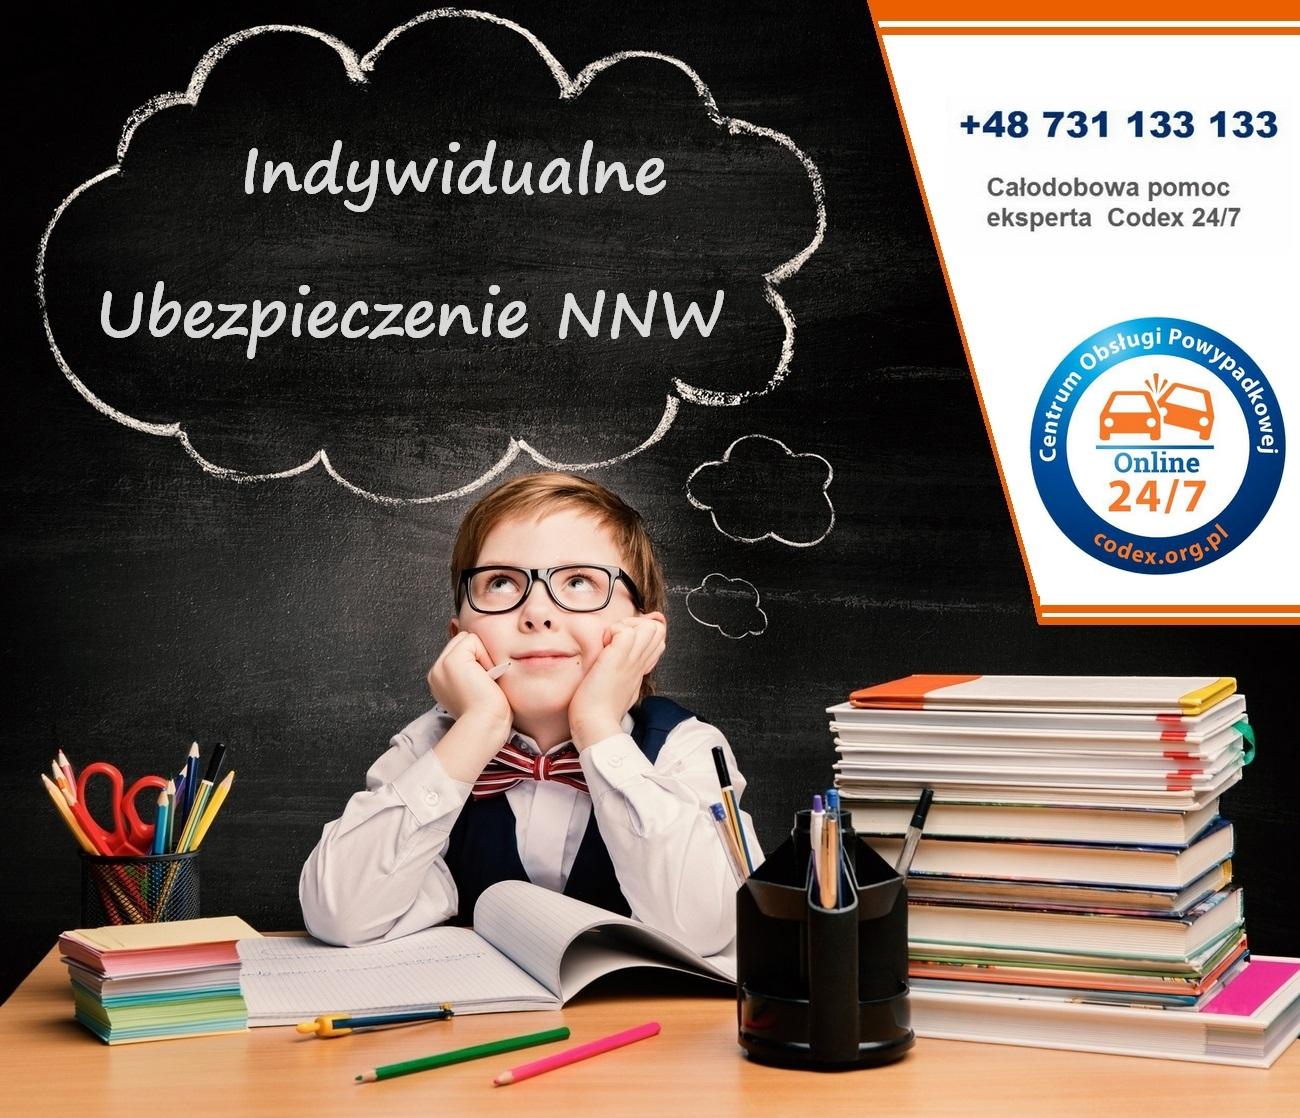 ubezpieczenie nnw polisa szkolna ubezpieczyciel